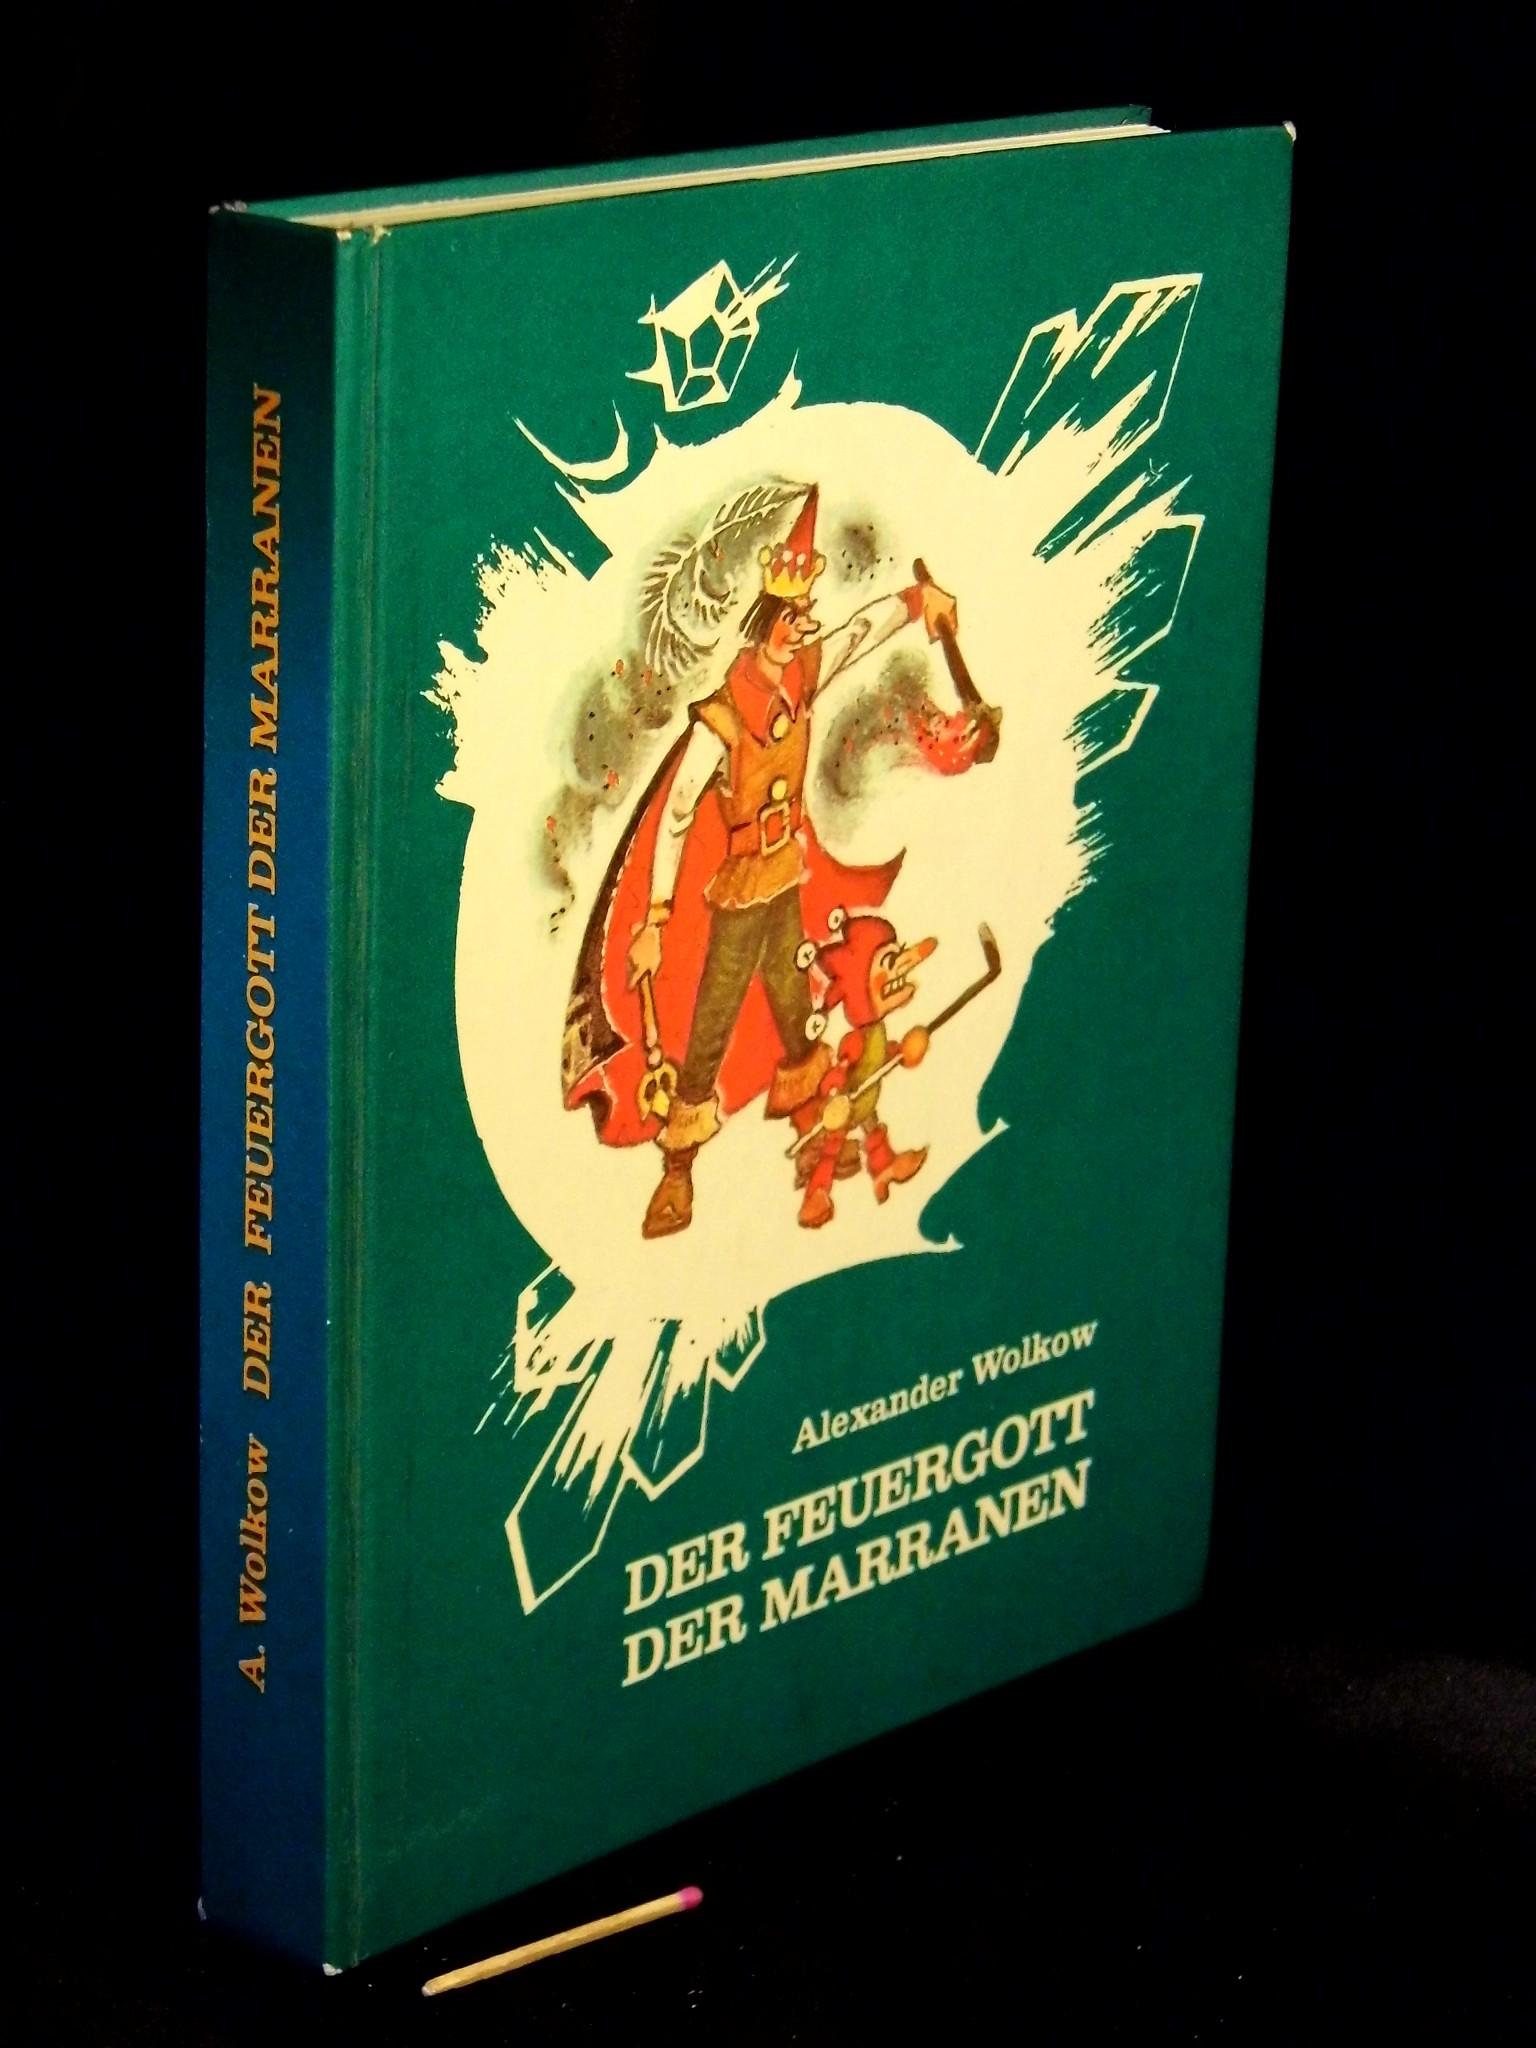 Der Feuergott Der Marranen - Ein Märchen - Wolkow, Alexander